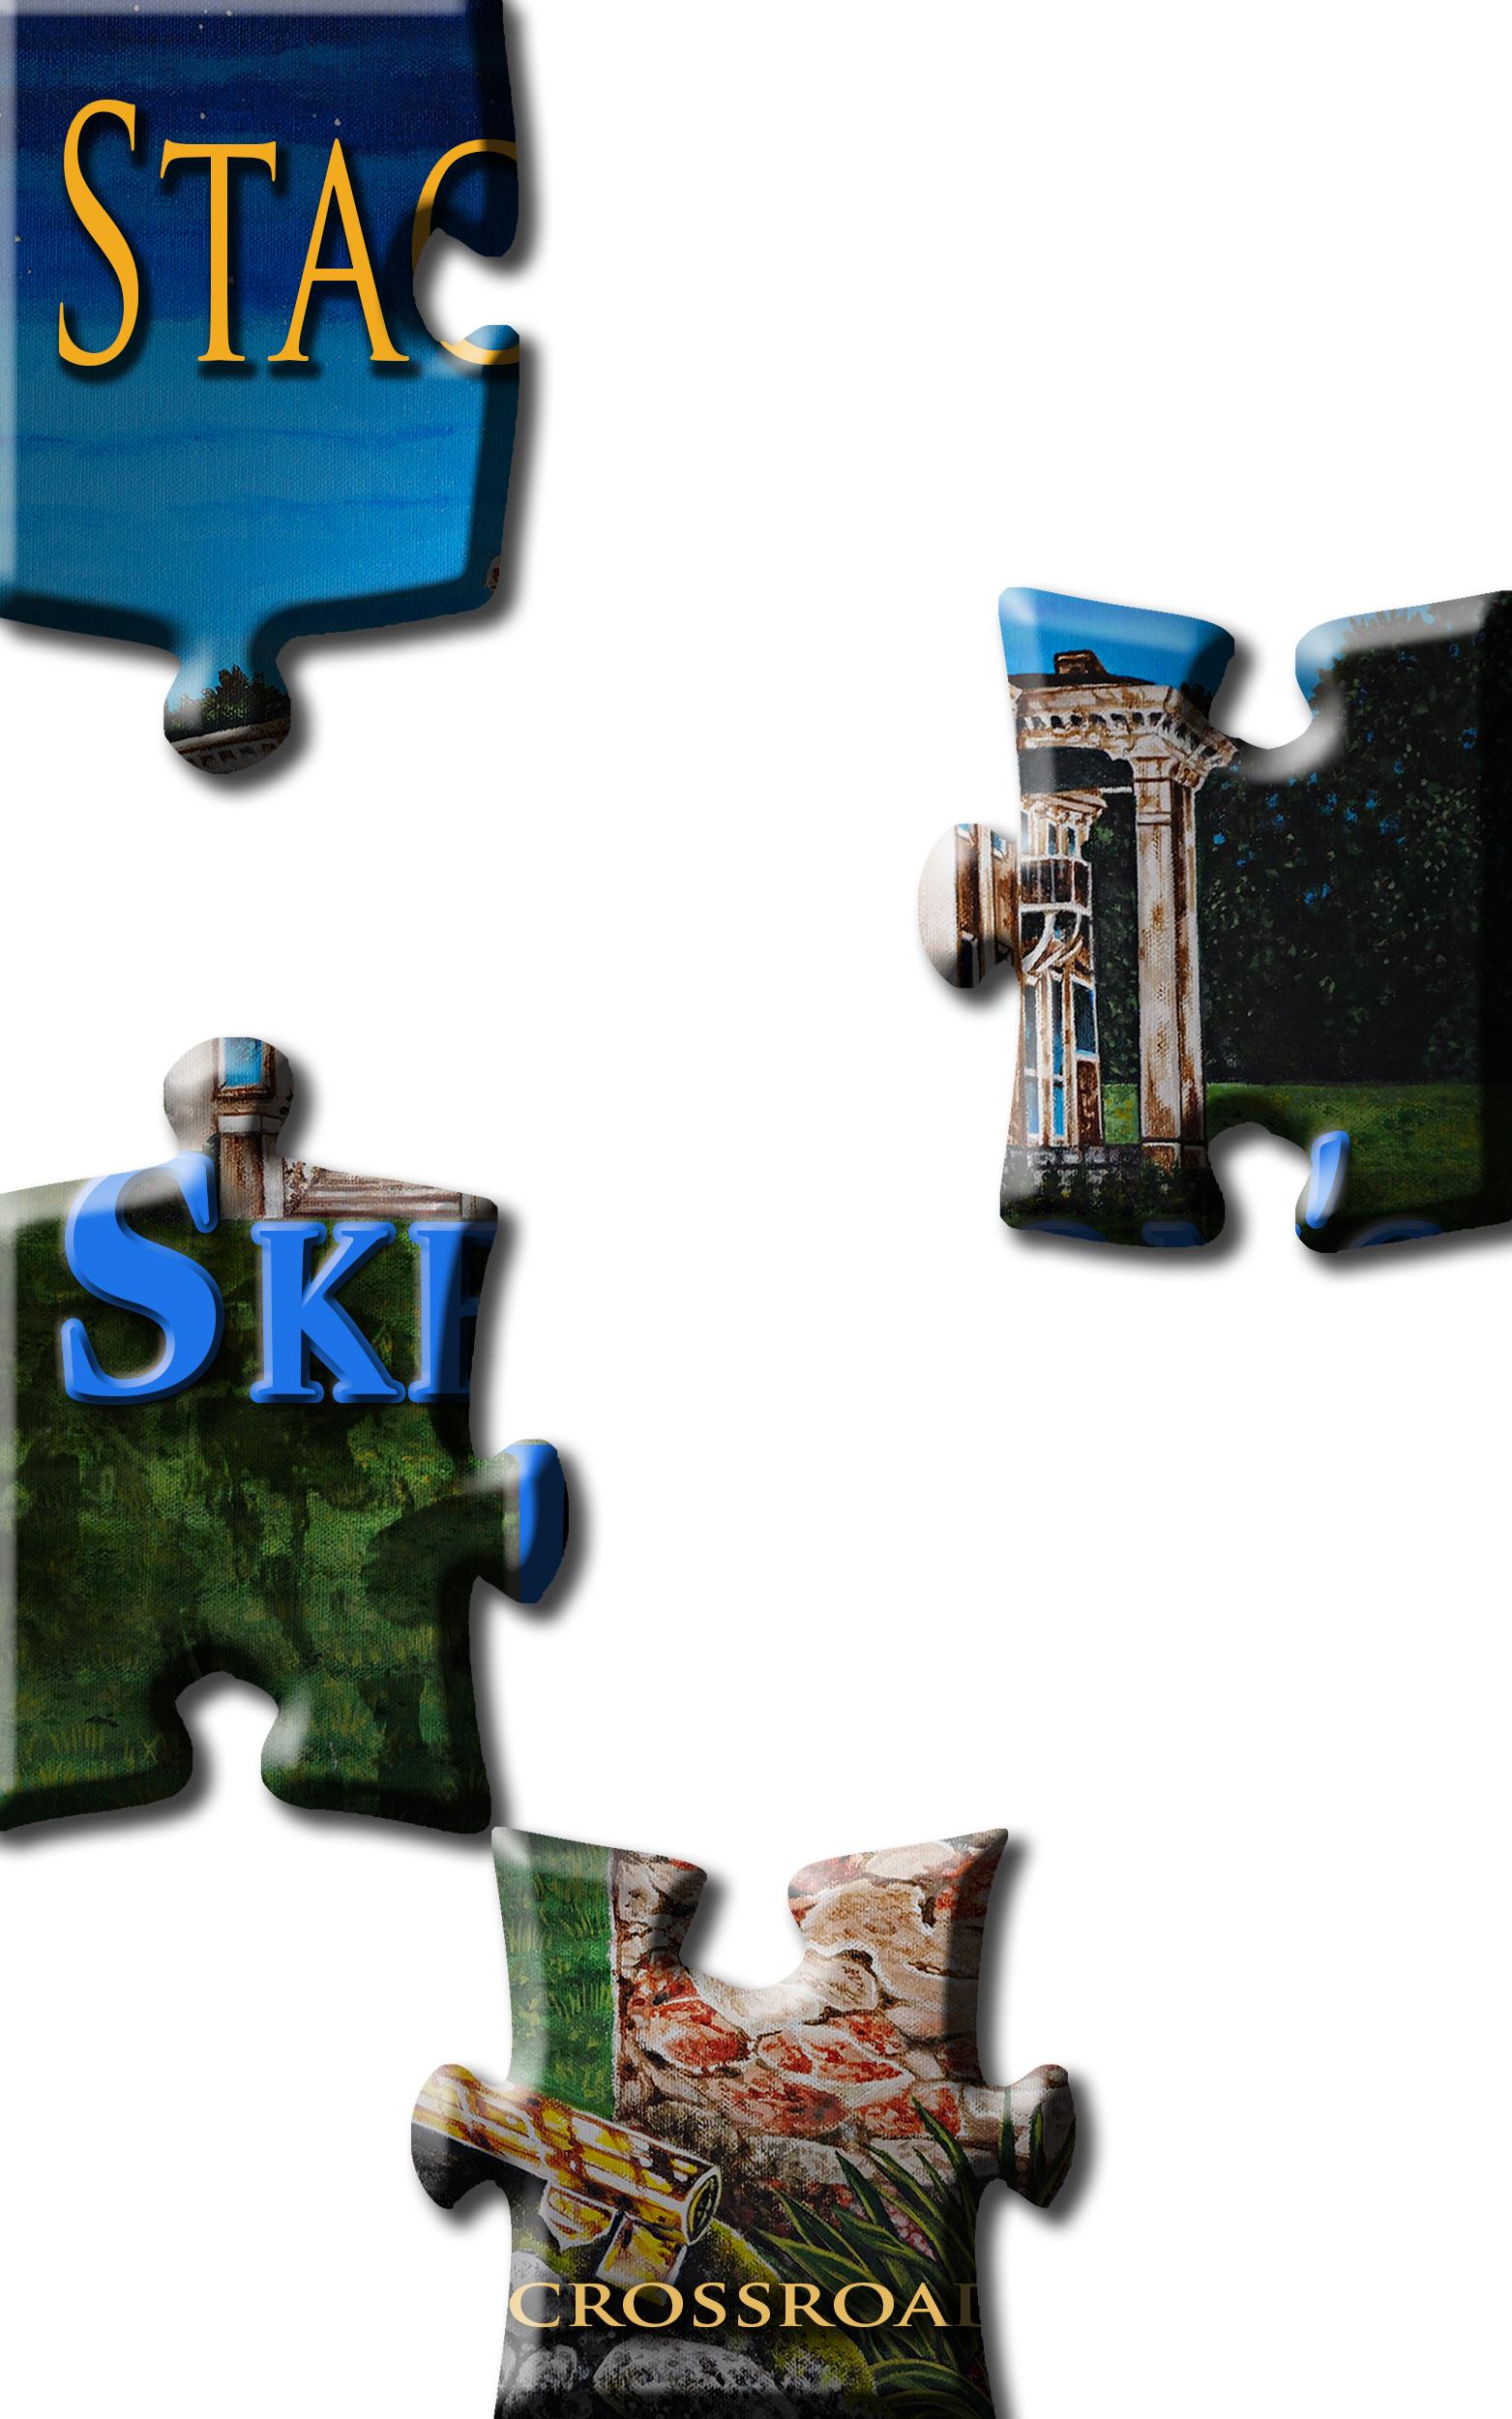 SkeletonsKeyEbookFinalPuzzle04